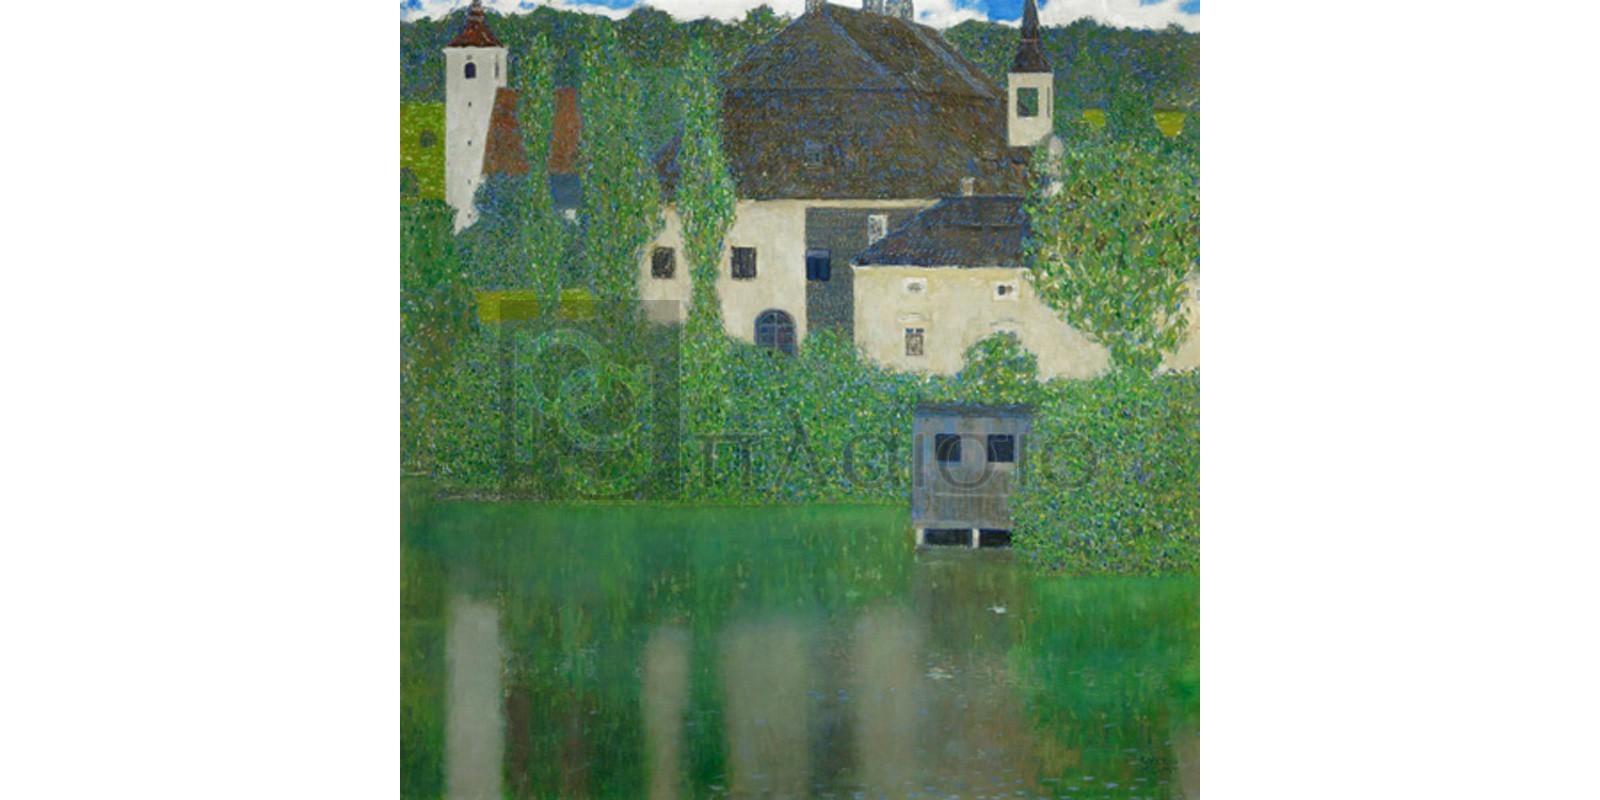 Gustav Klimt - Schloss Kammer am Attersee